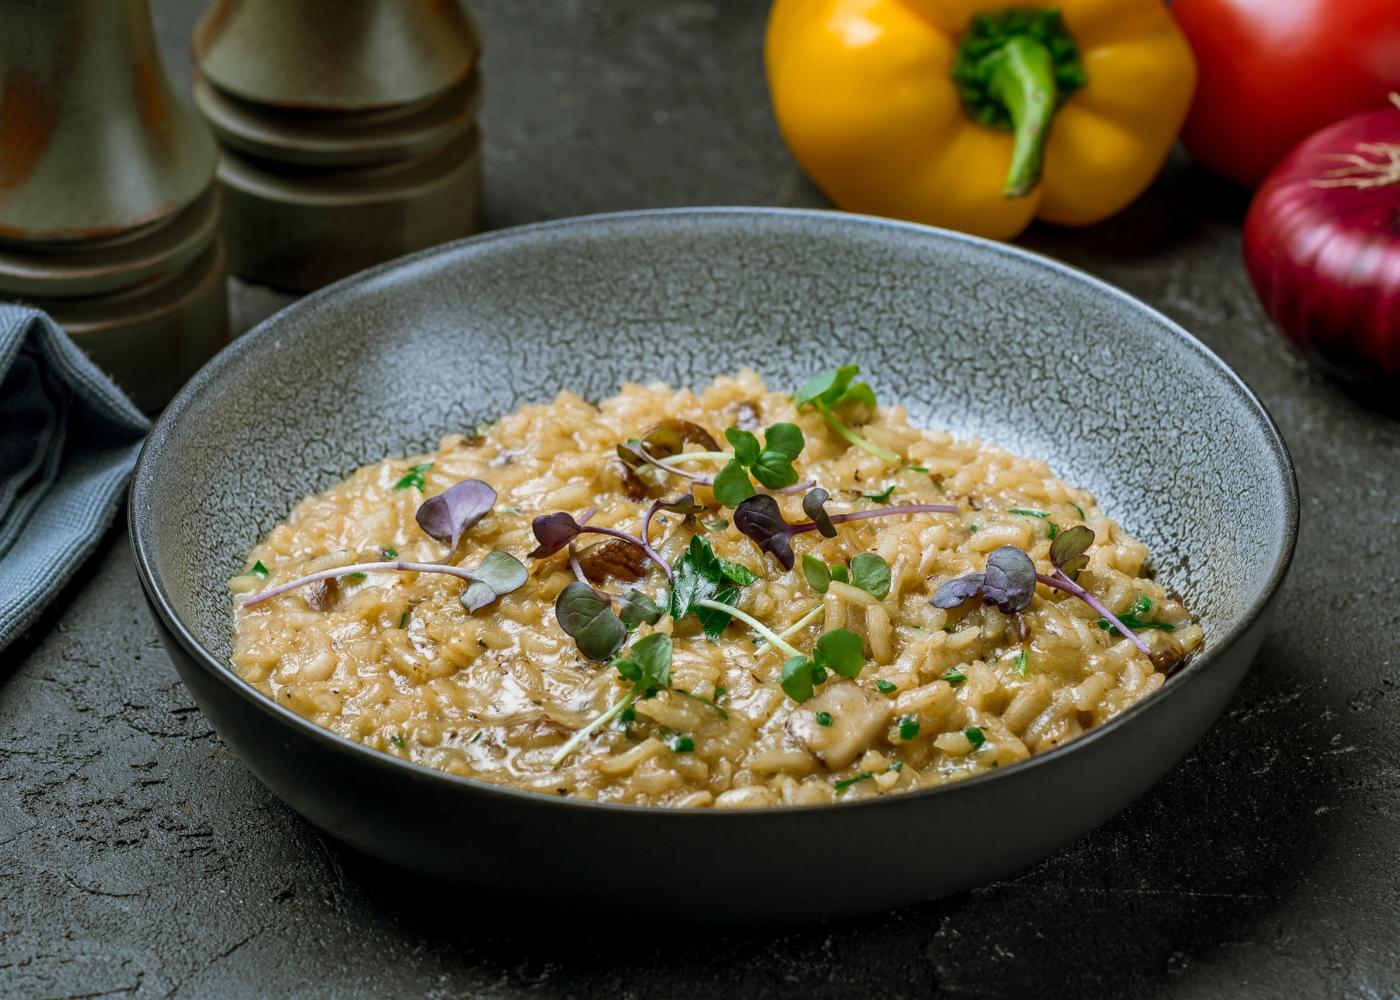 prato com risotto de carne picada